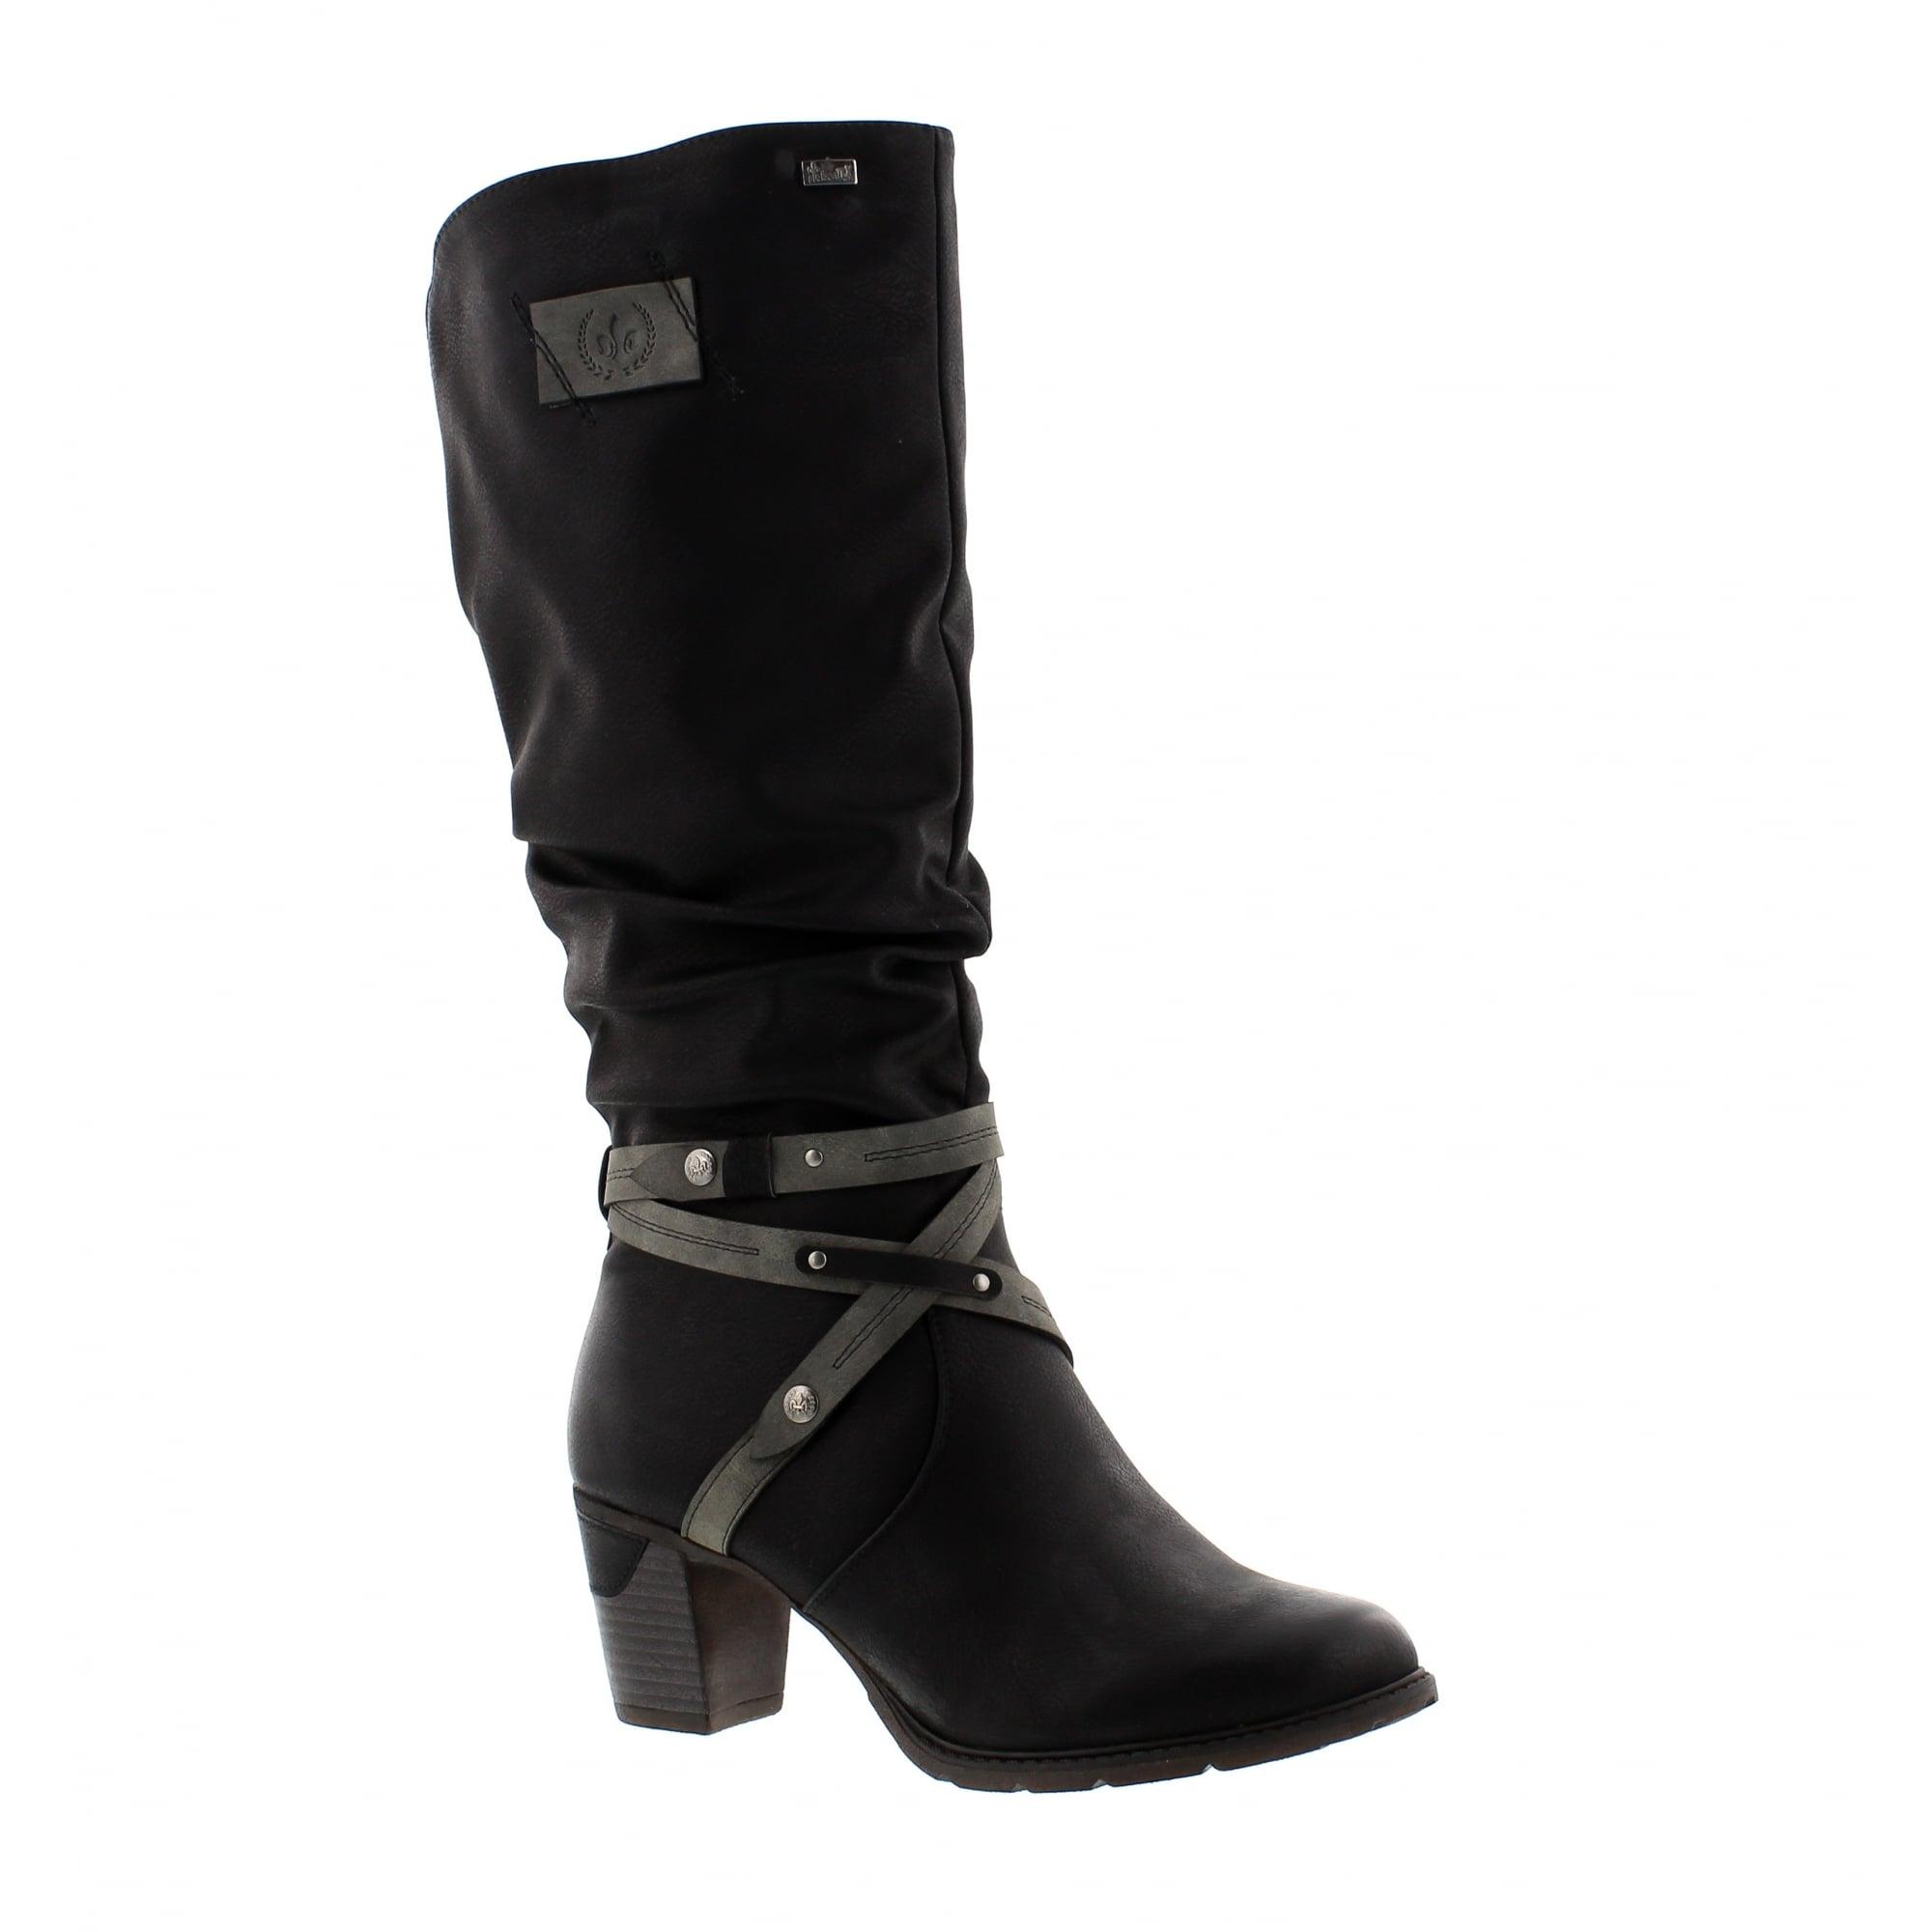 Damen Schöne Wahl 79954 00 Komfort Stiefel von Rieker